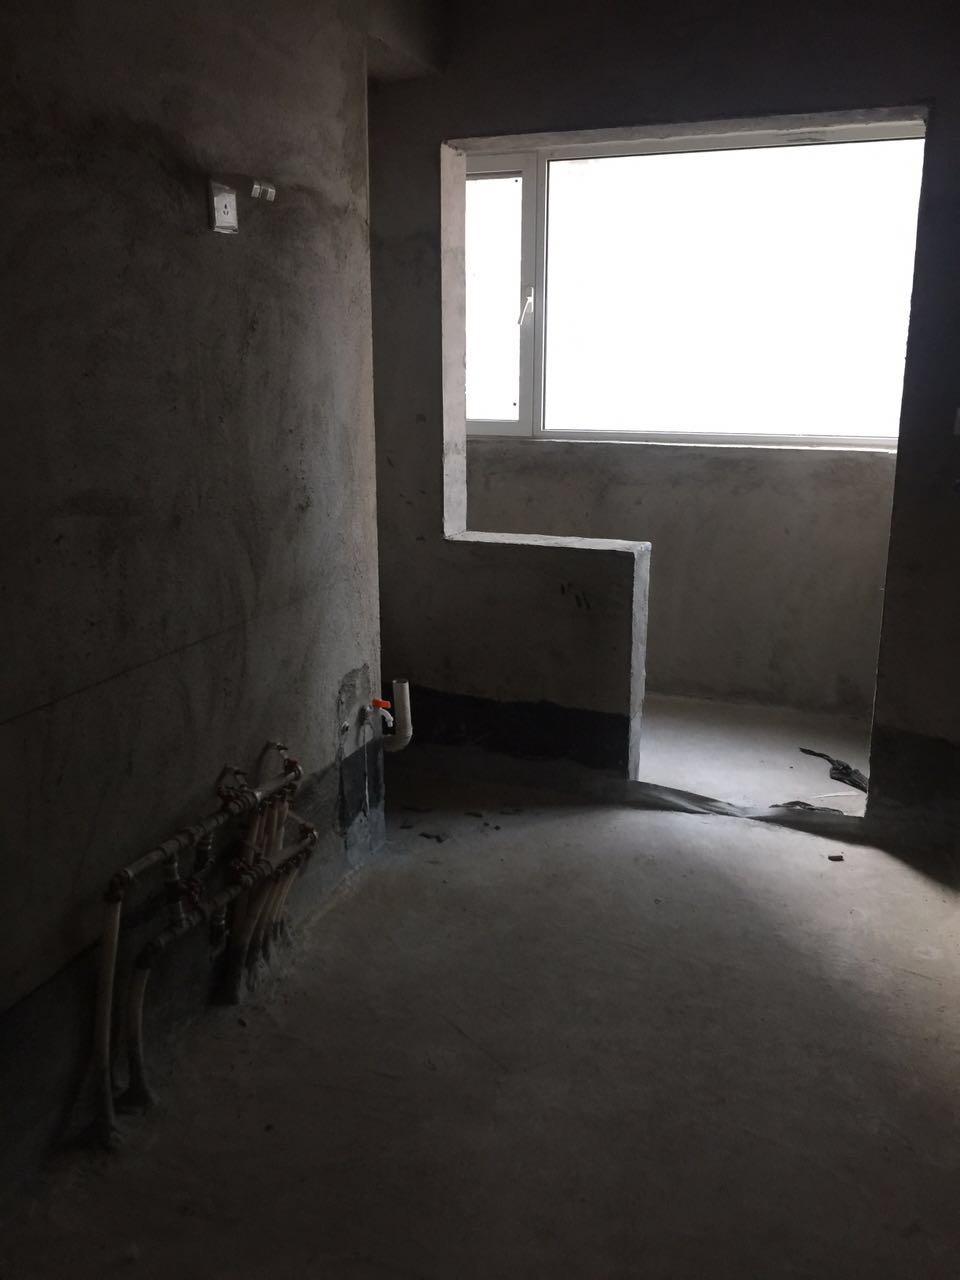 唐人中心 3室2厅 双证齐全 简装 133万房型图